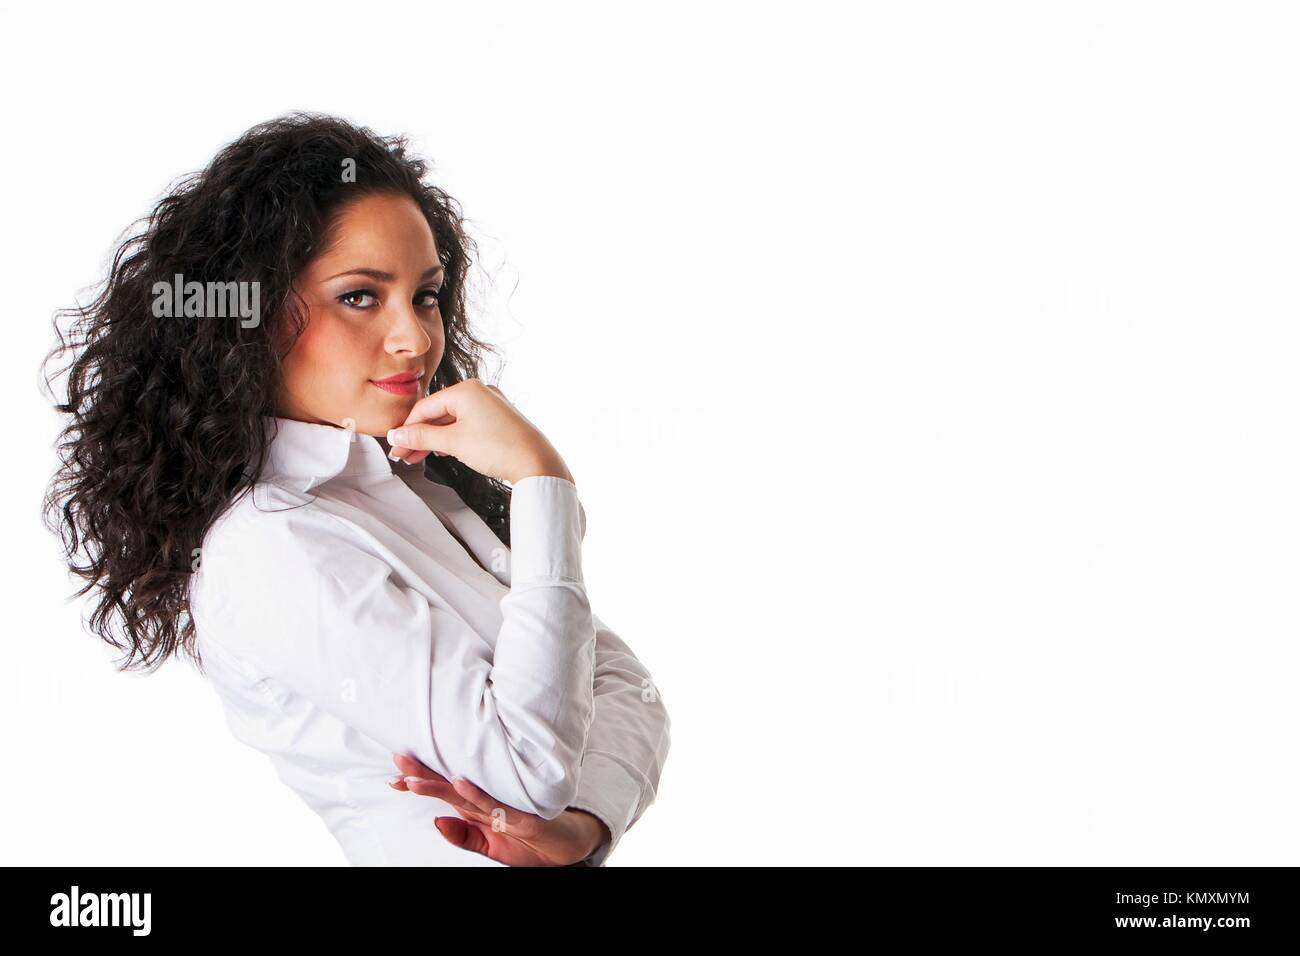 6a531f8619b Beau Young Hispanic Latina jeune femme d affaires avec les cheveux bouclés  brun tanné Cute brunette